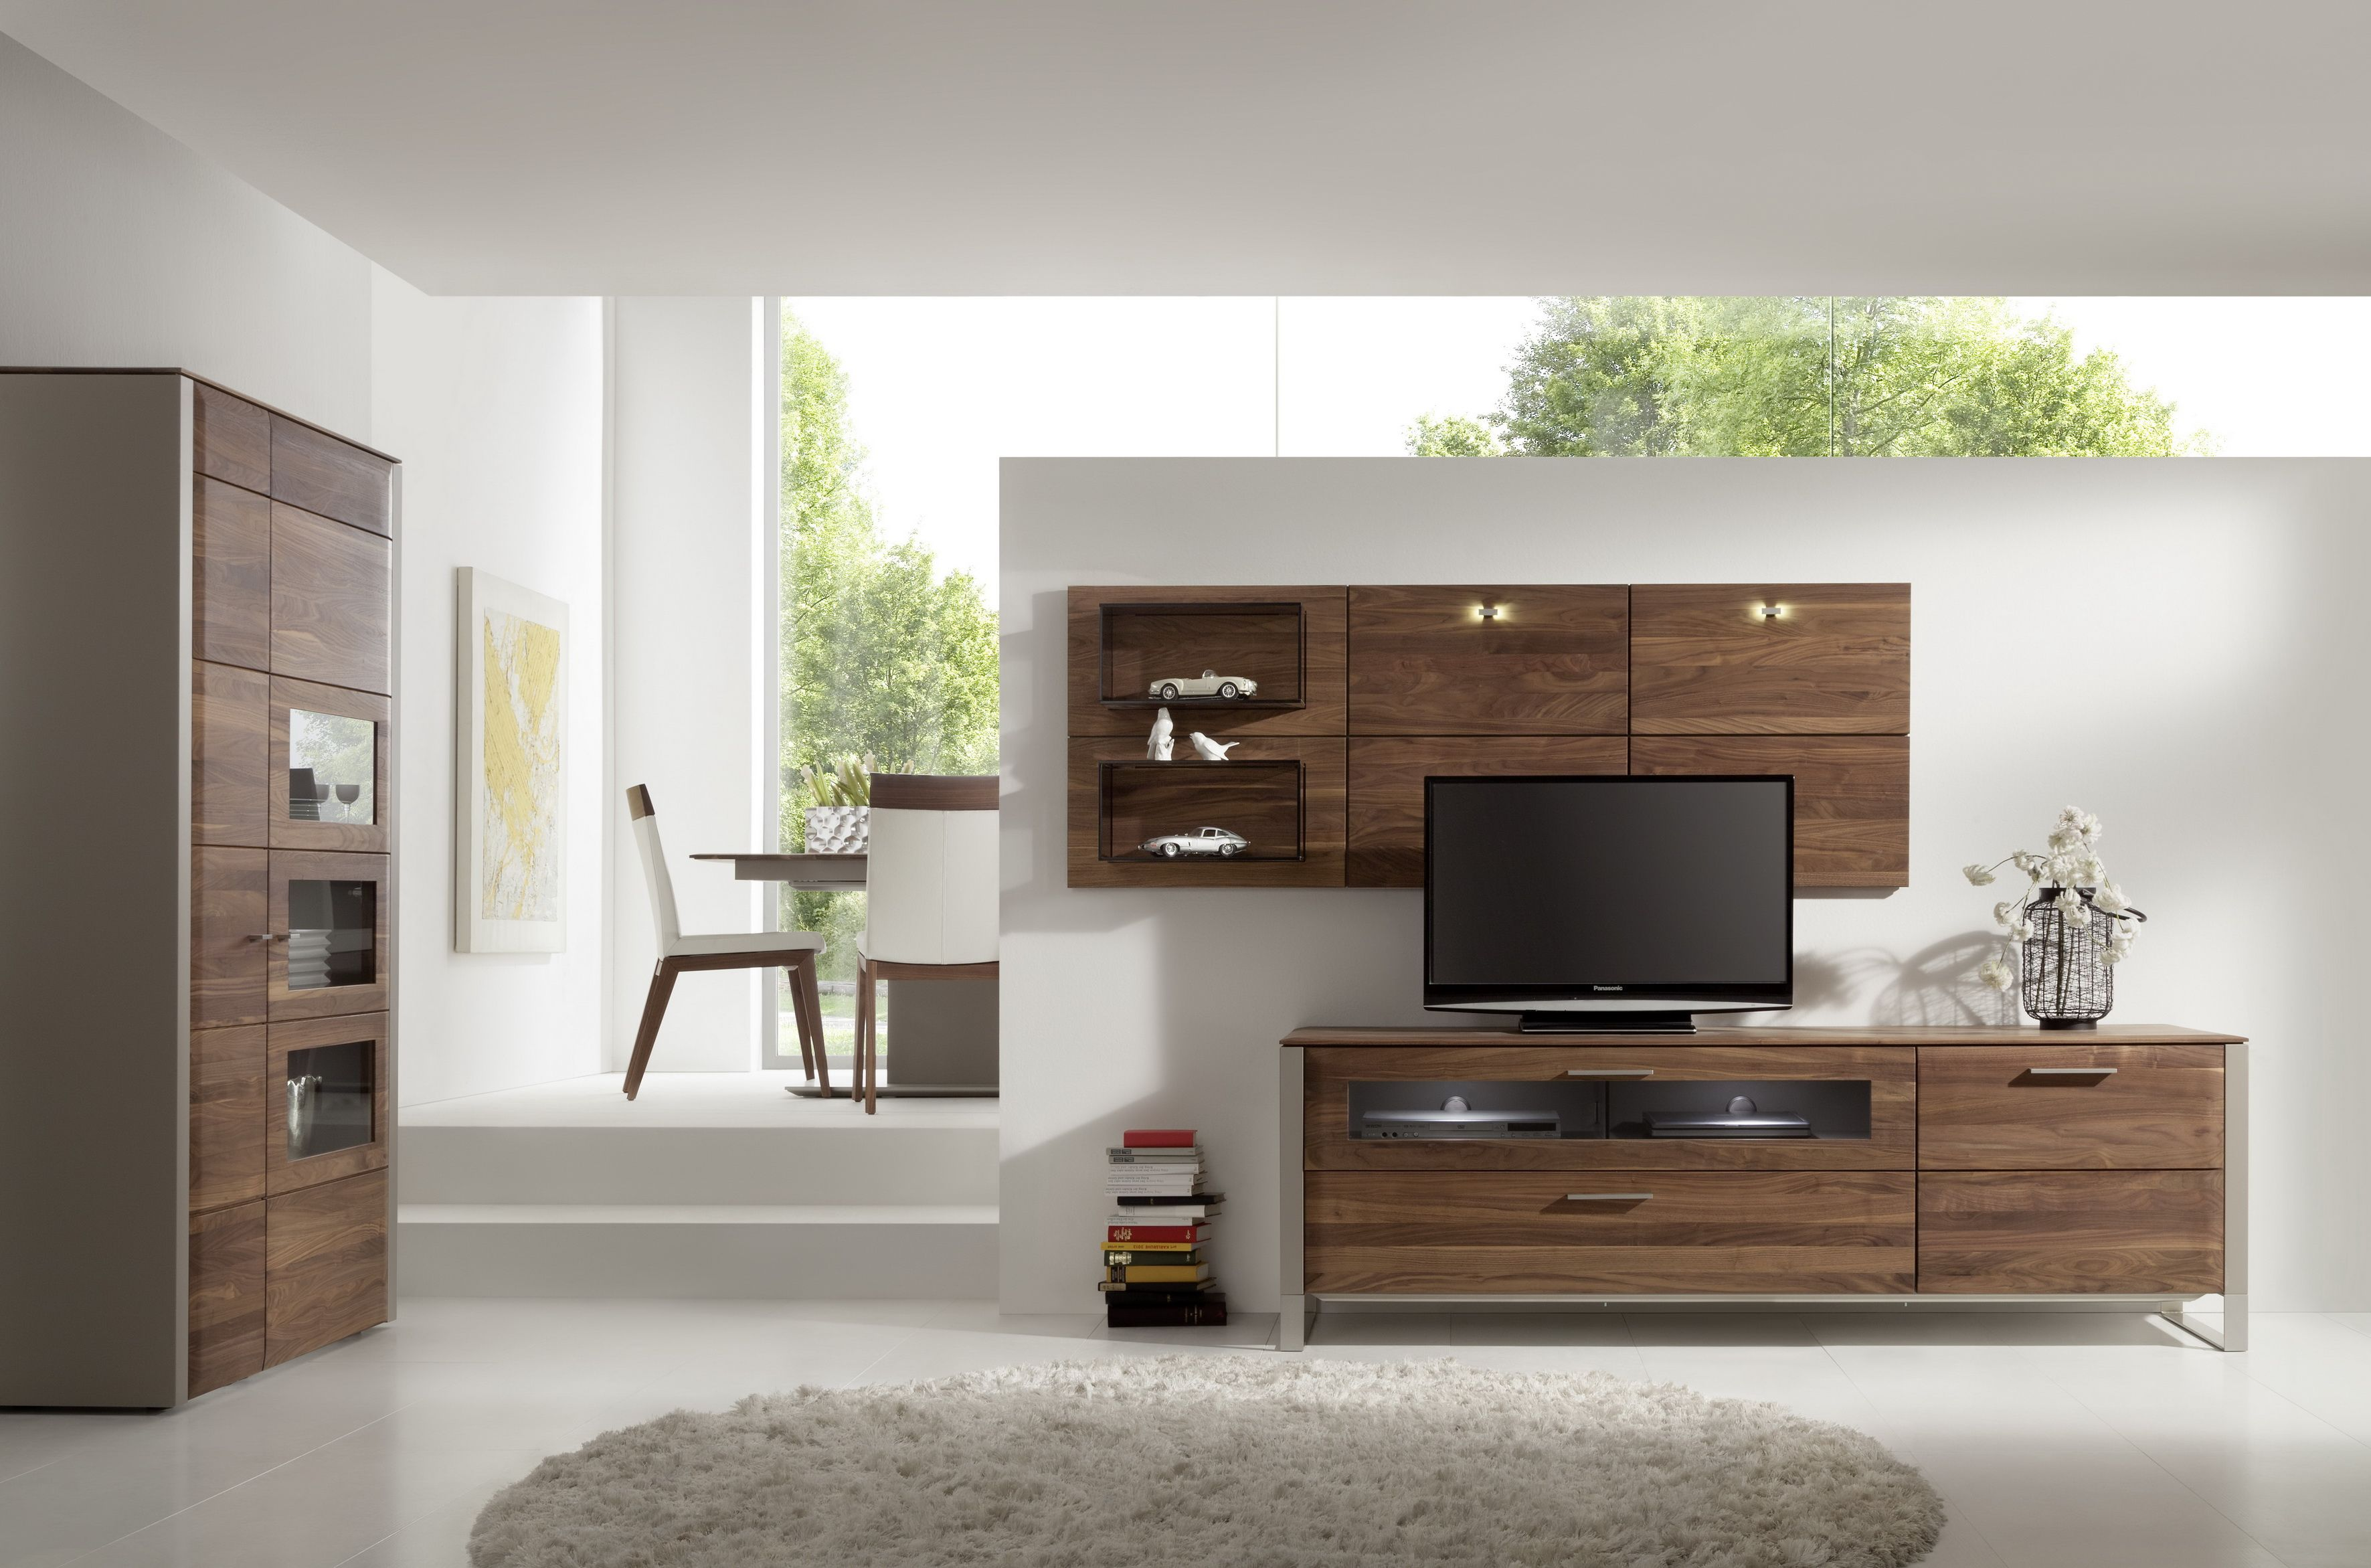 Superior #möbel #madeingermany #furniture #gwinner #wohndesign #design #wohnzimmer  #livingroom Ideas